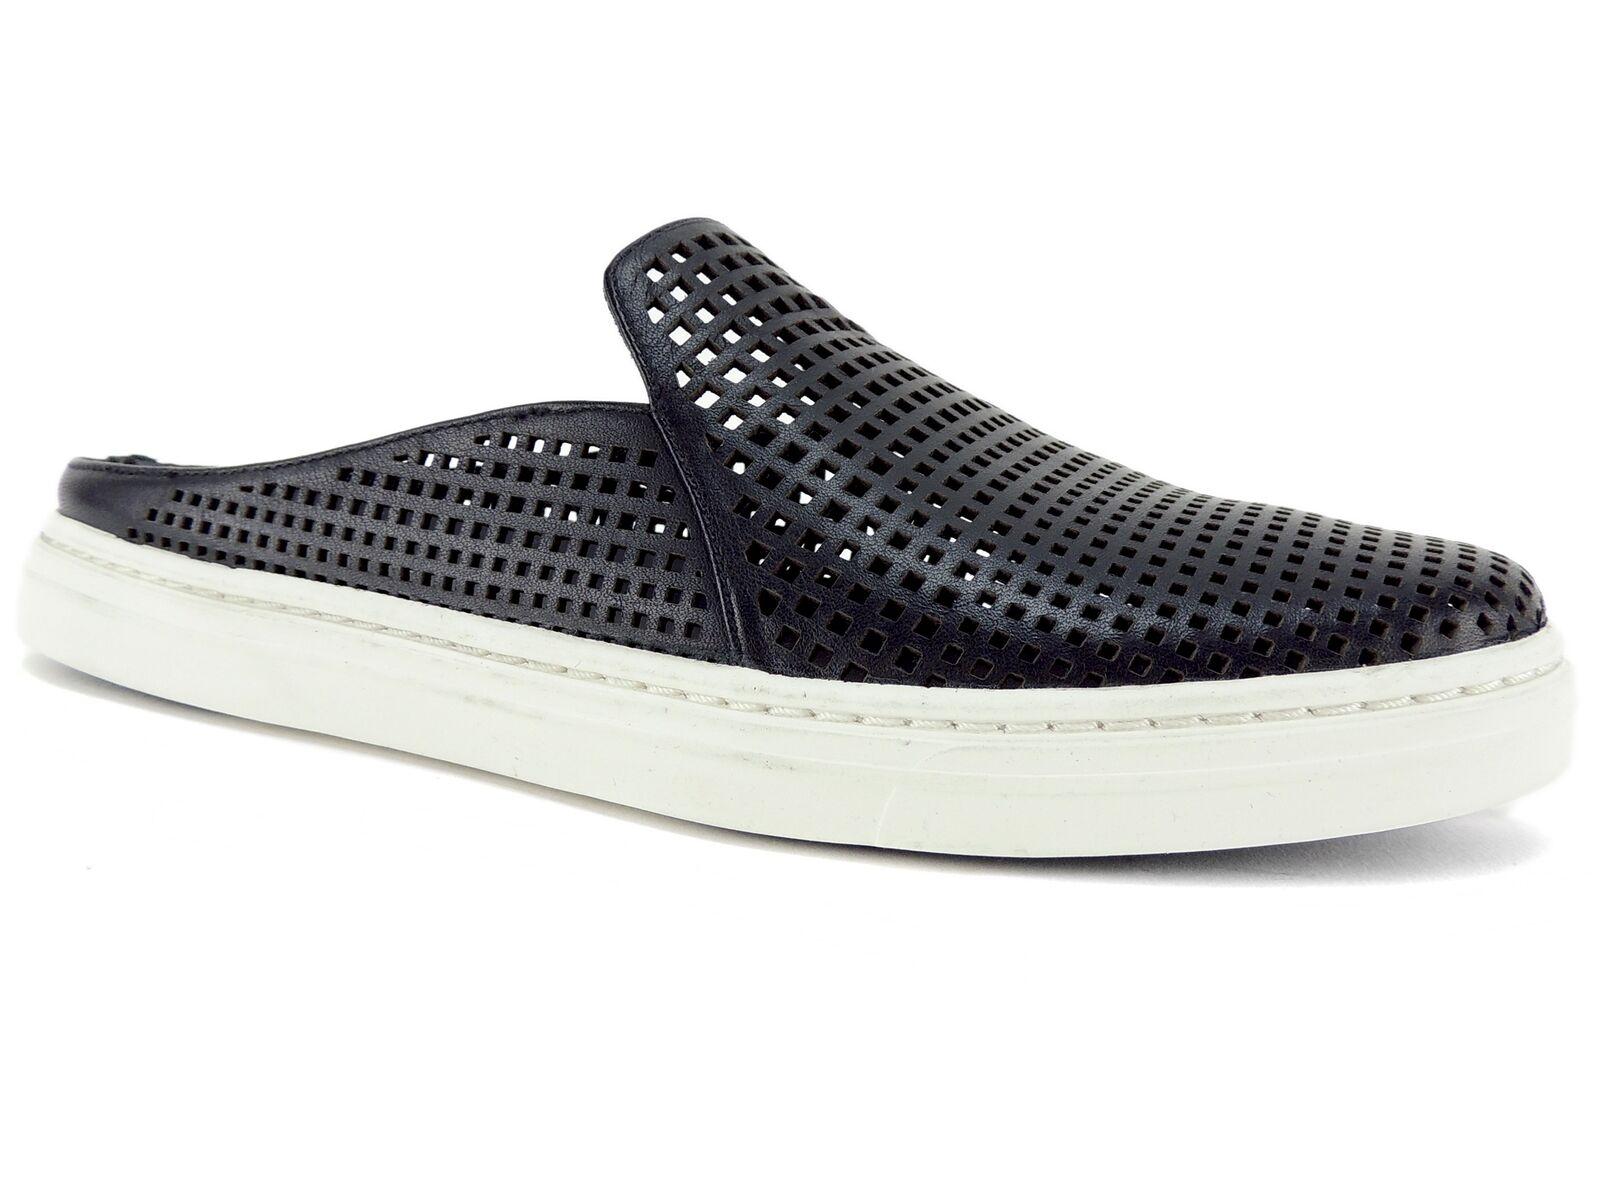 prendi l'ultimo Via Spiga Donna  Rina Backless Fashion scarpe scarpe scarpe da ginnastica nero Leather Dimensione 5.5 M  Sconto del 60%